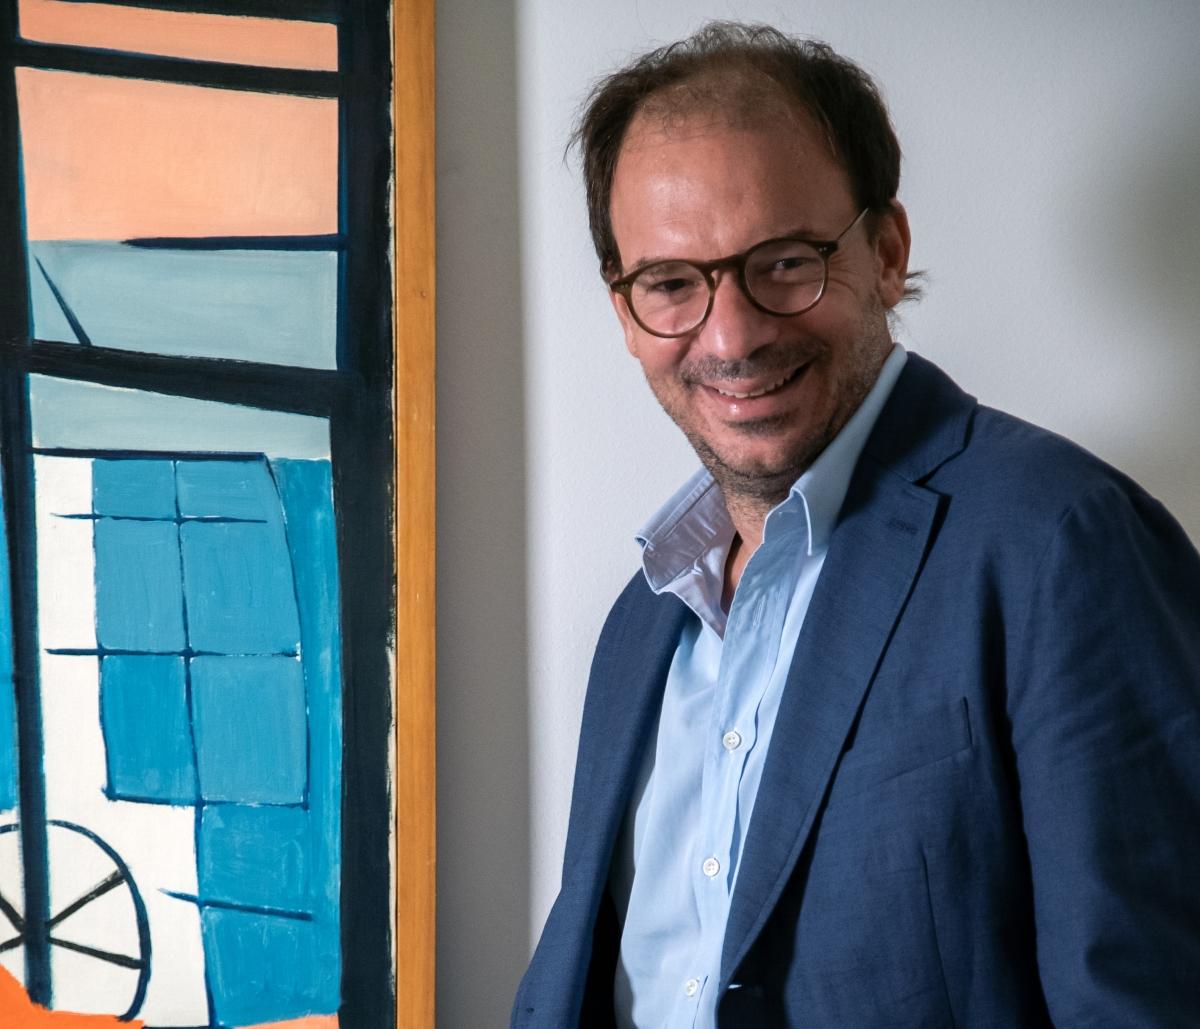 Federico Palazzari, CEO of Nemo